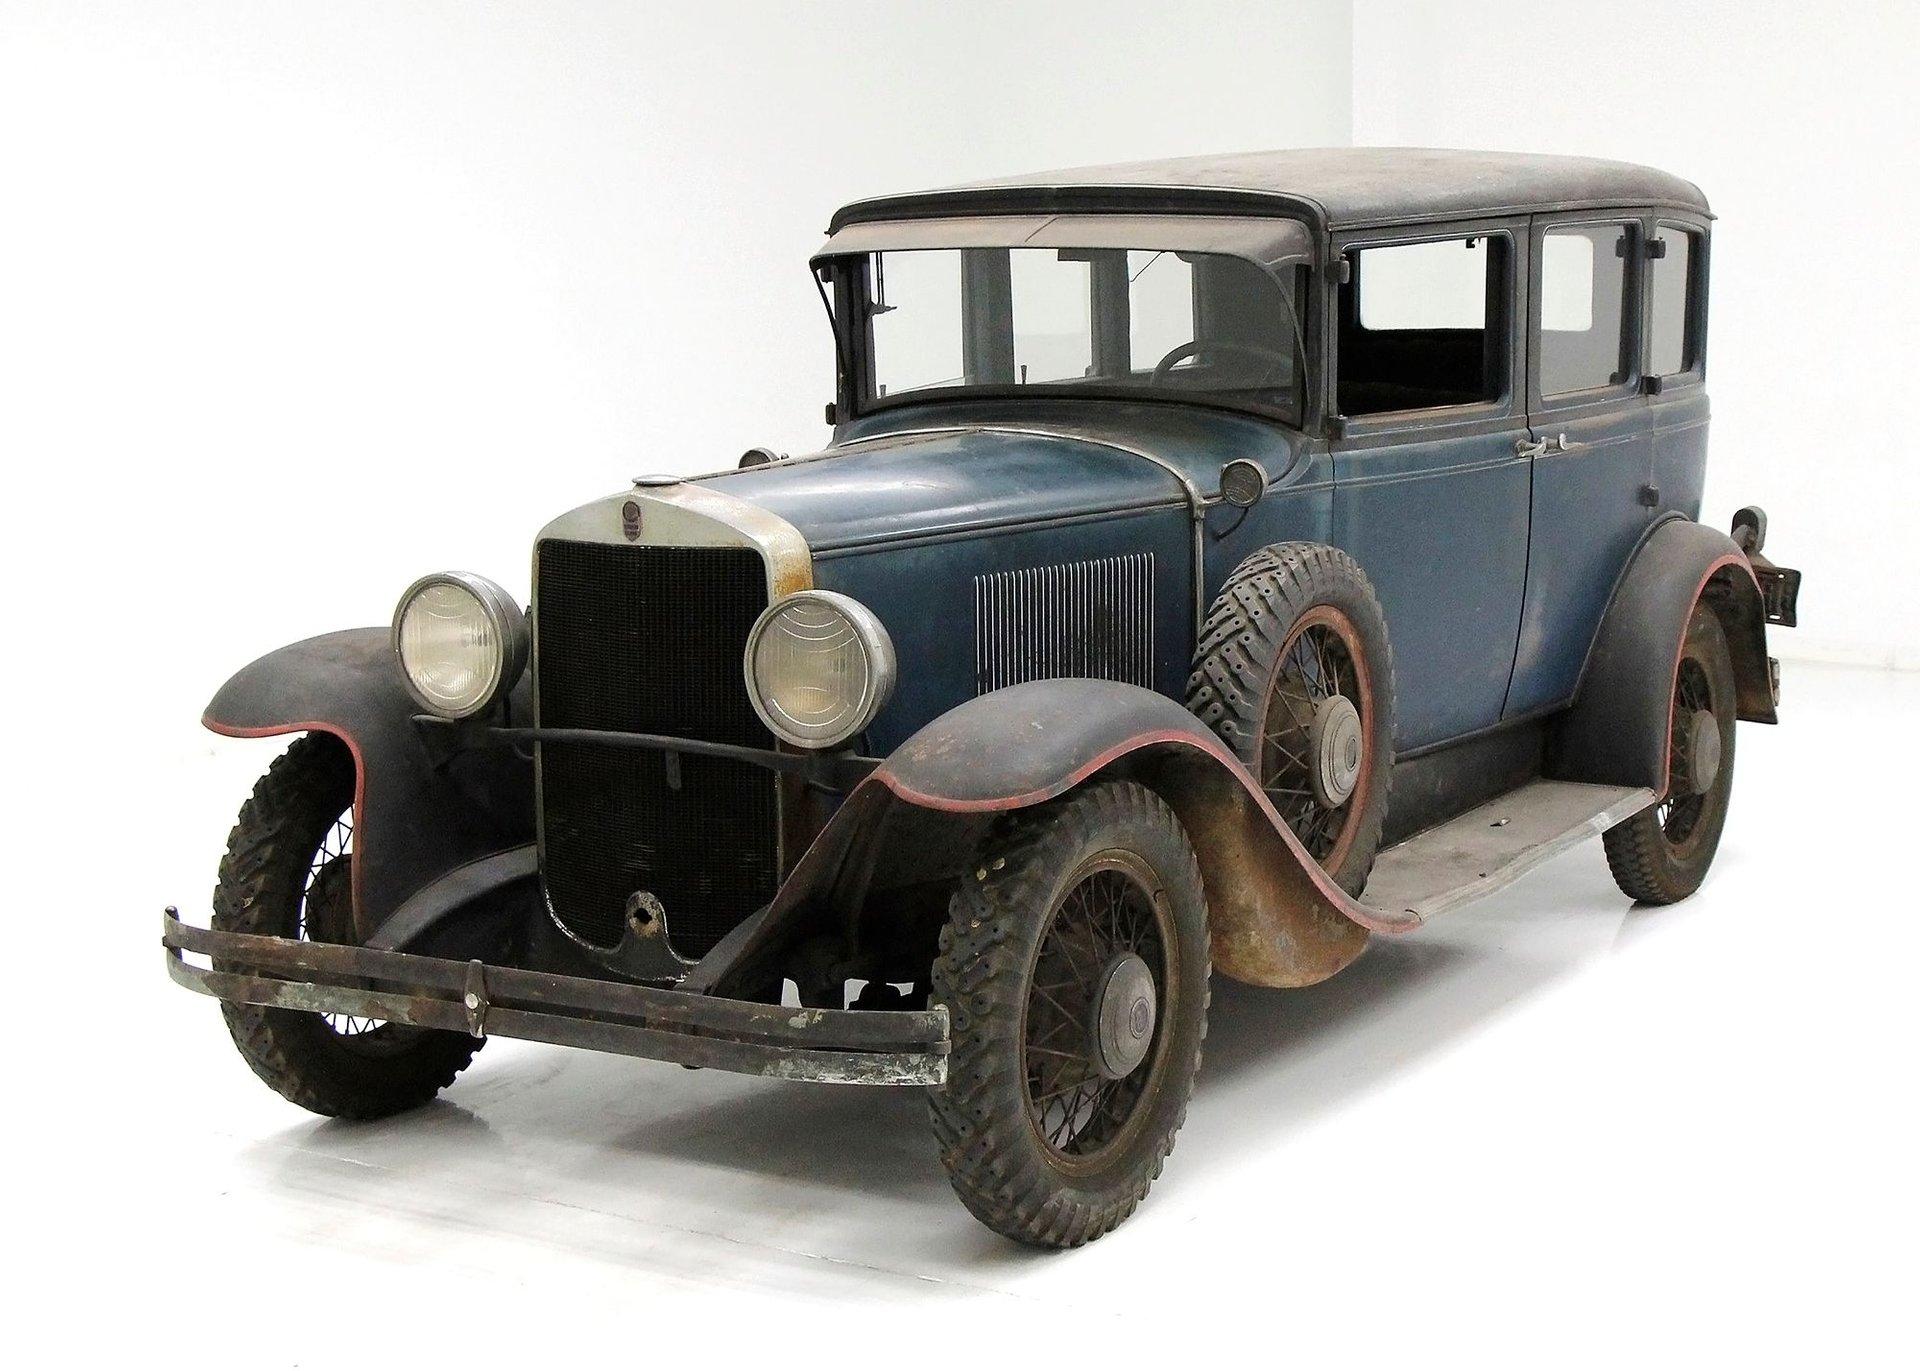 1930 Graham Paige 615 Series Sedan